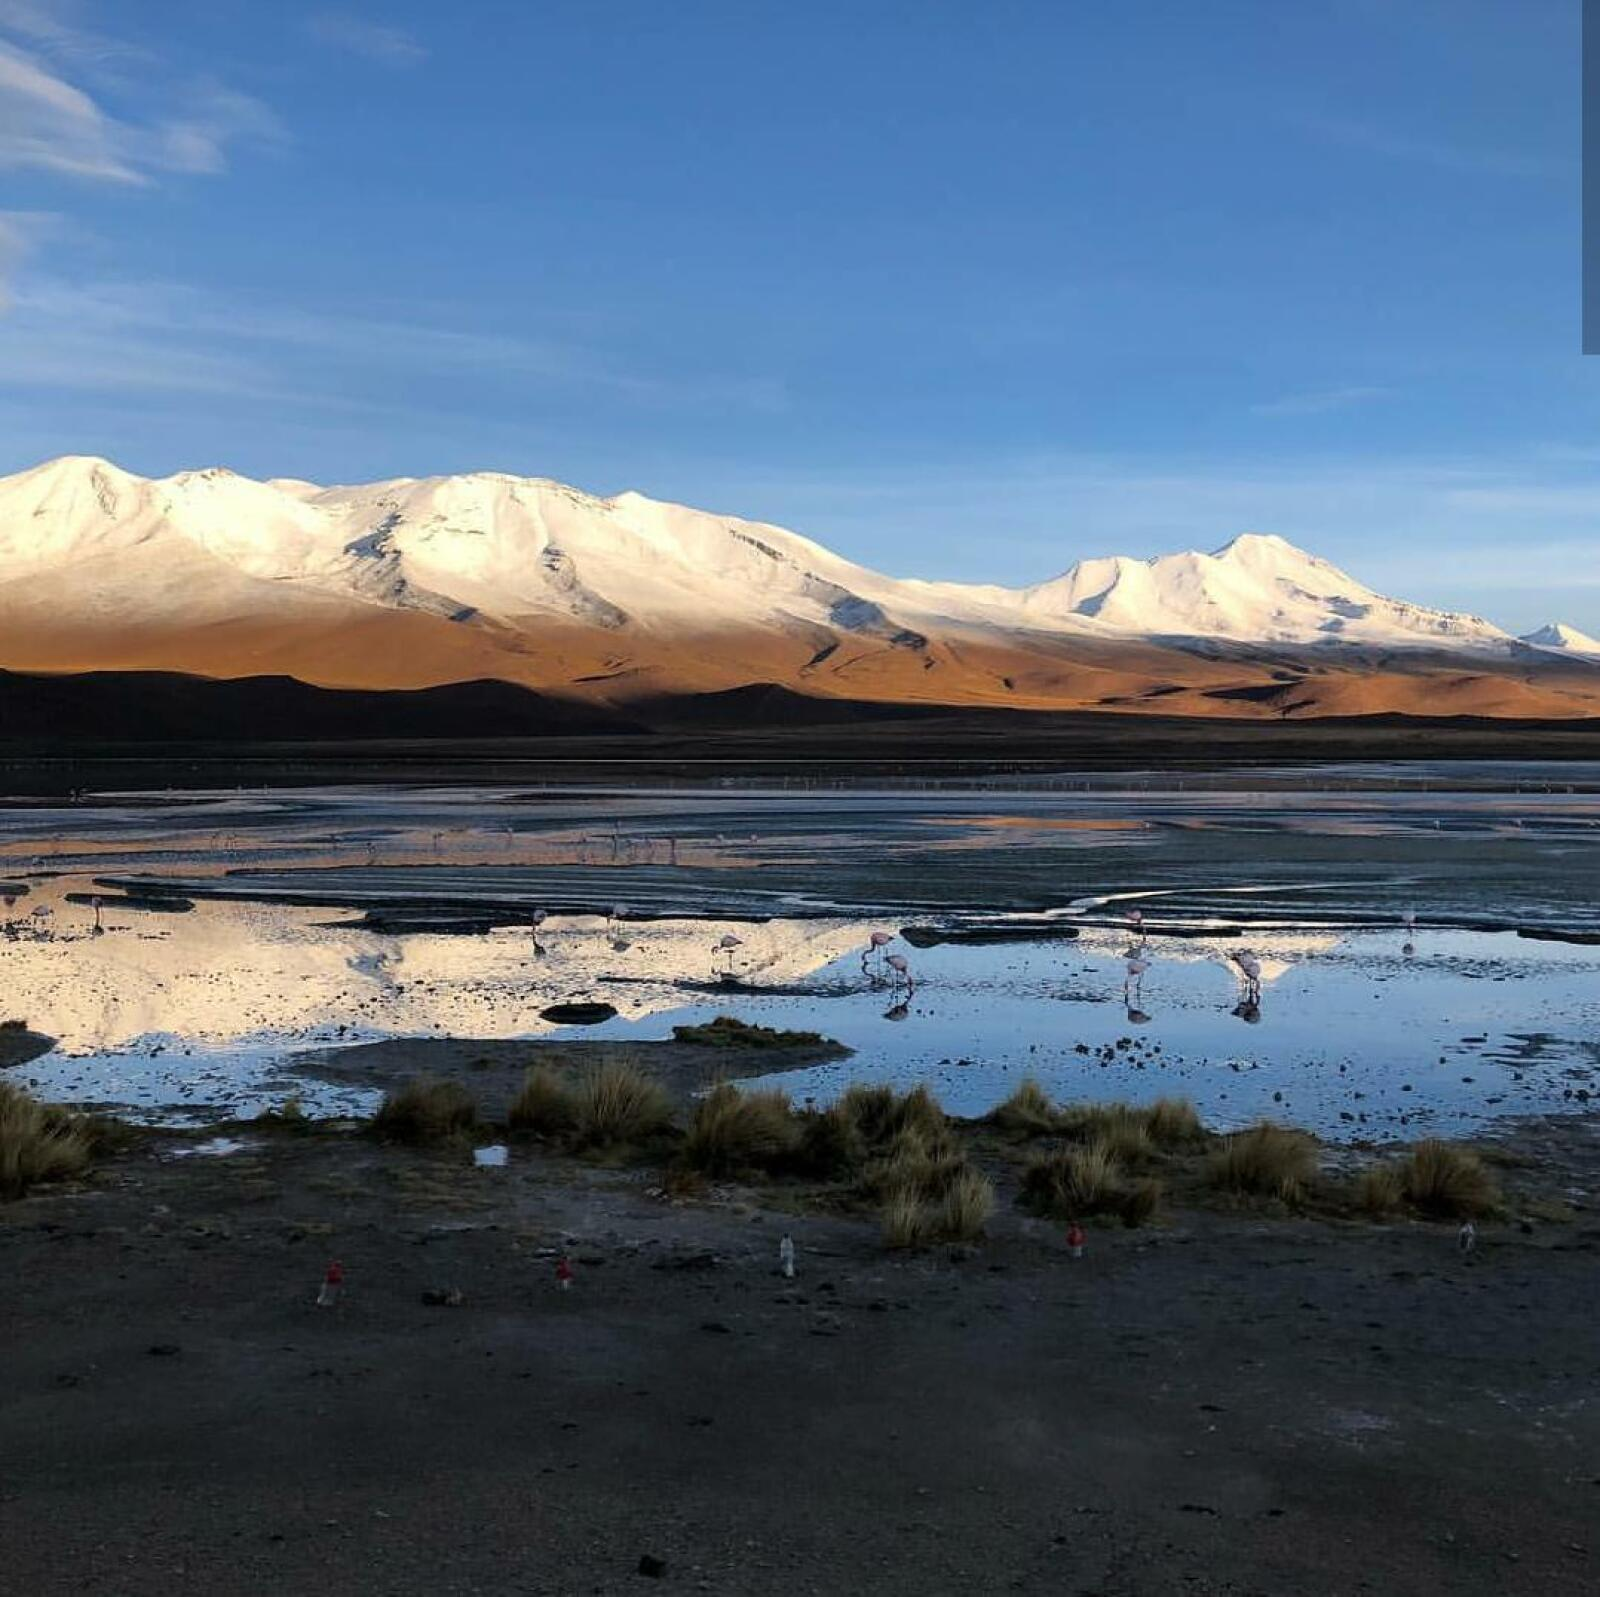 Vacaciones en Bolivia de Edith González